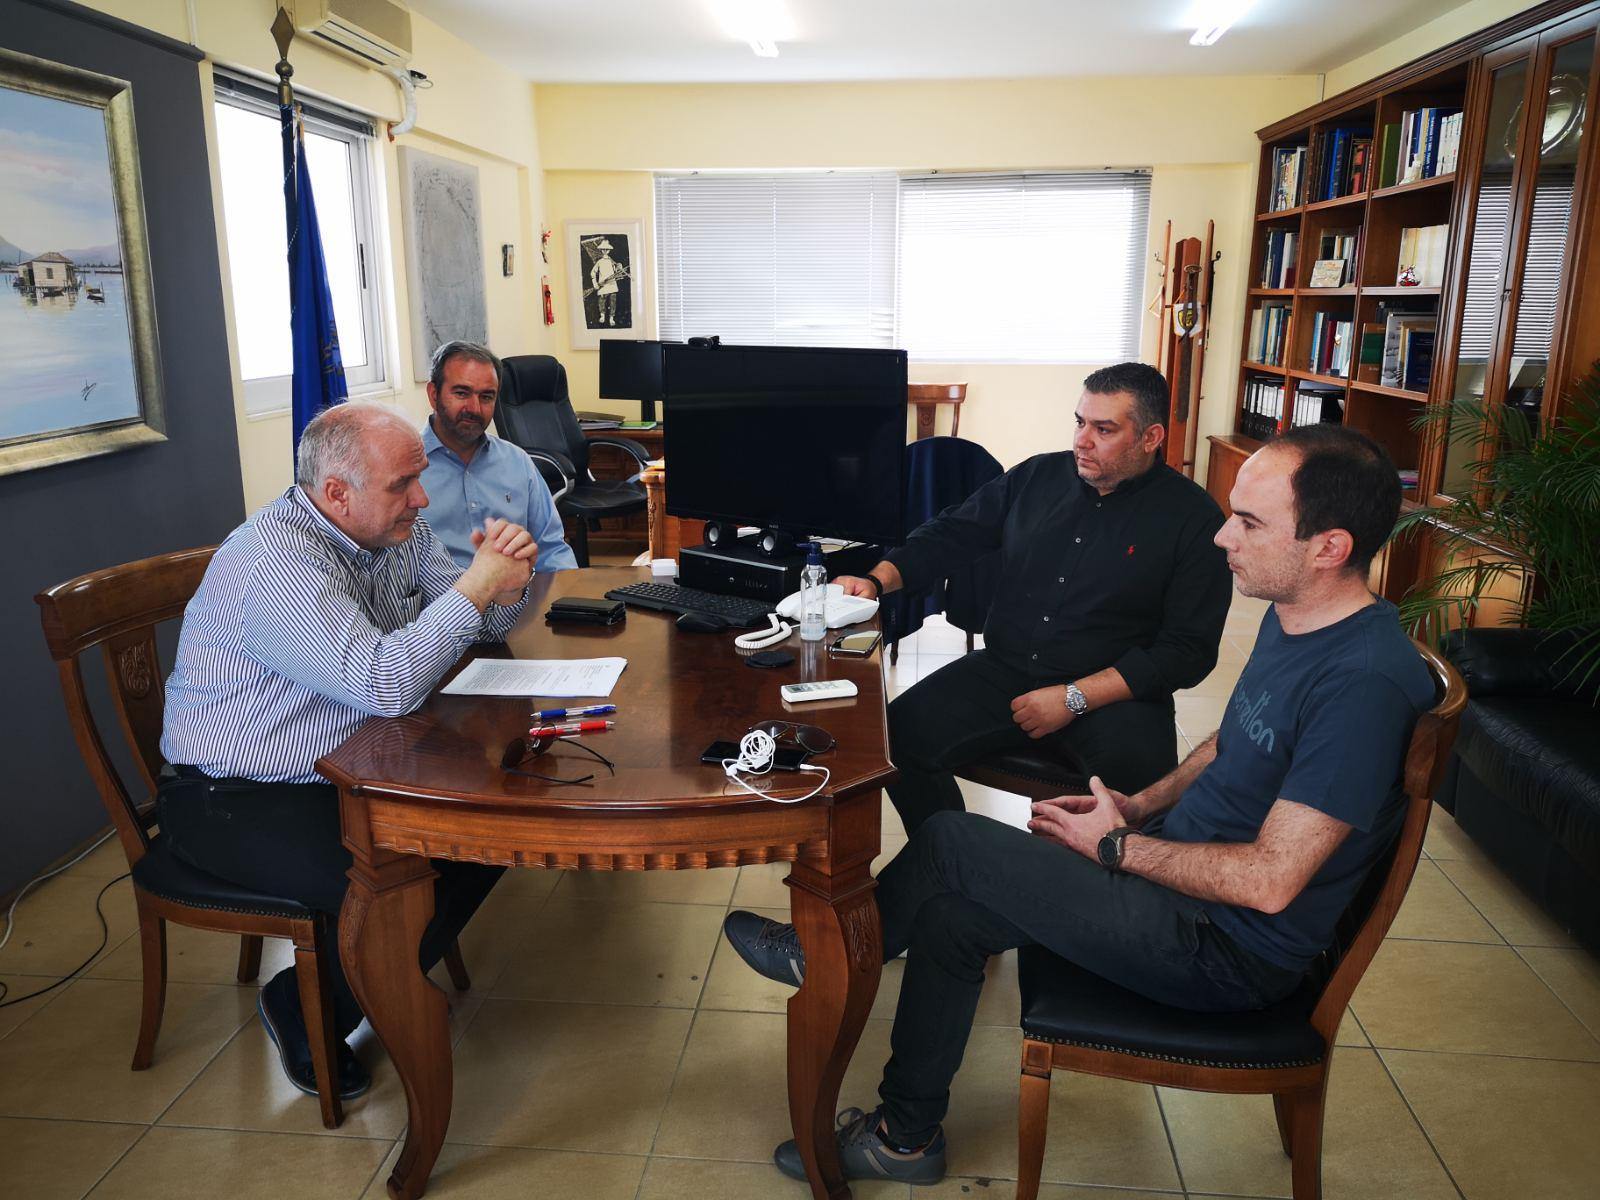 Μεσολόγγι: Συνάντηση εργασίας με εκπροσώπους της Περιφέρειας για έργα του Δήμου